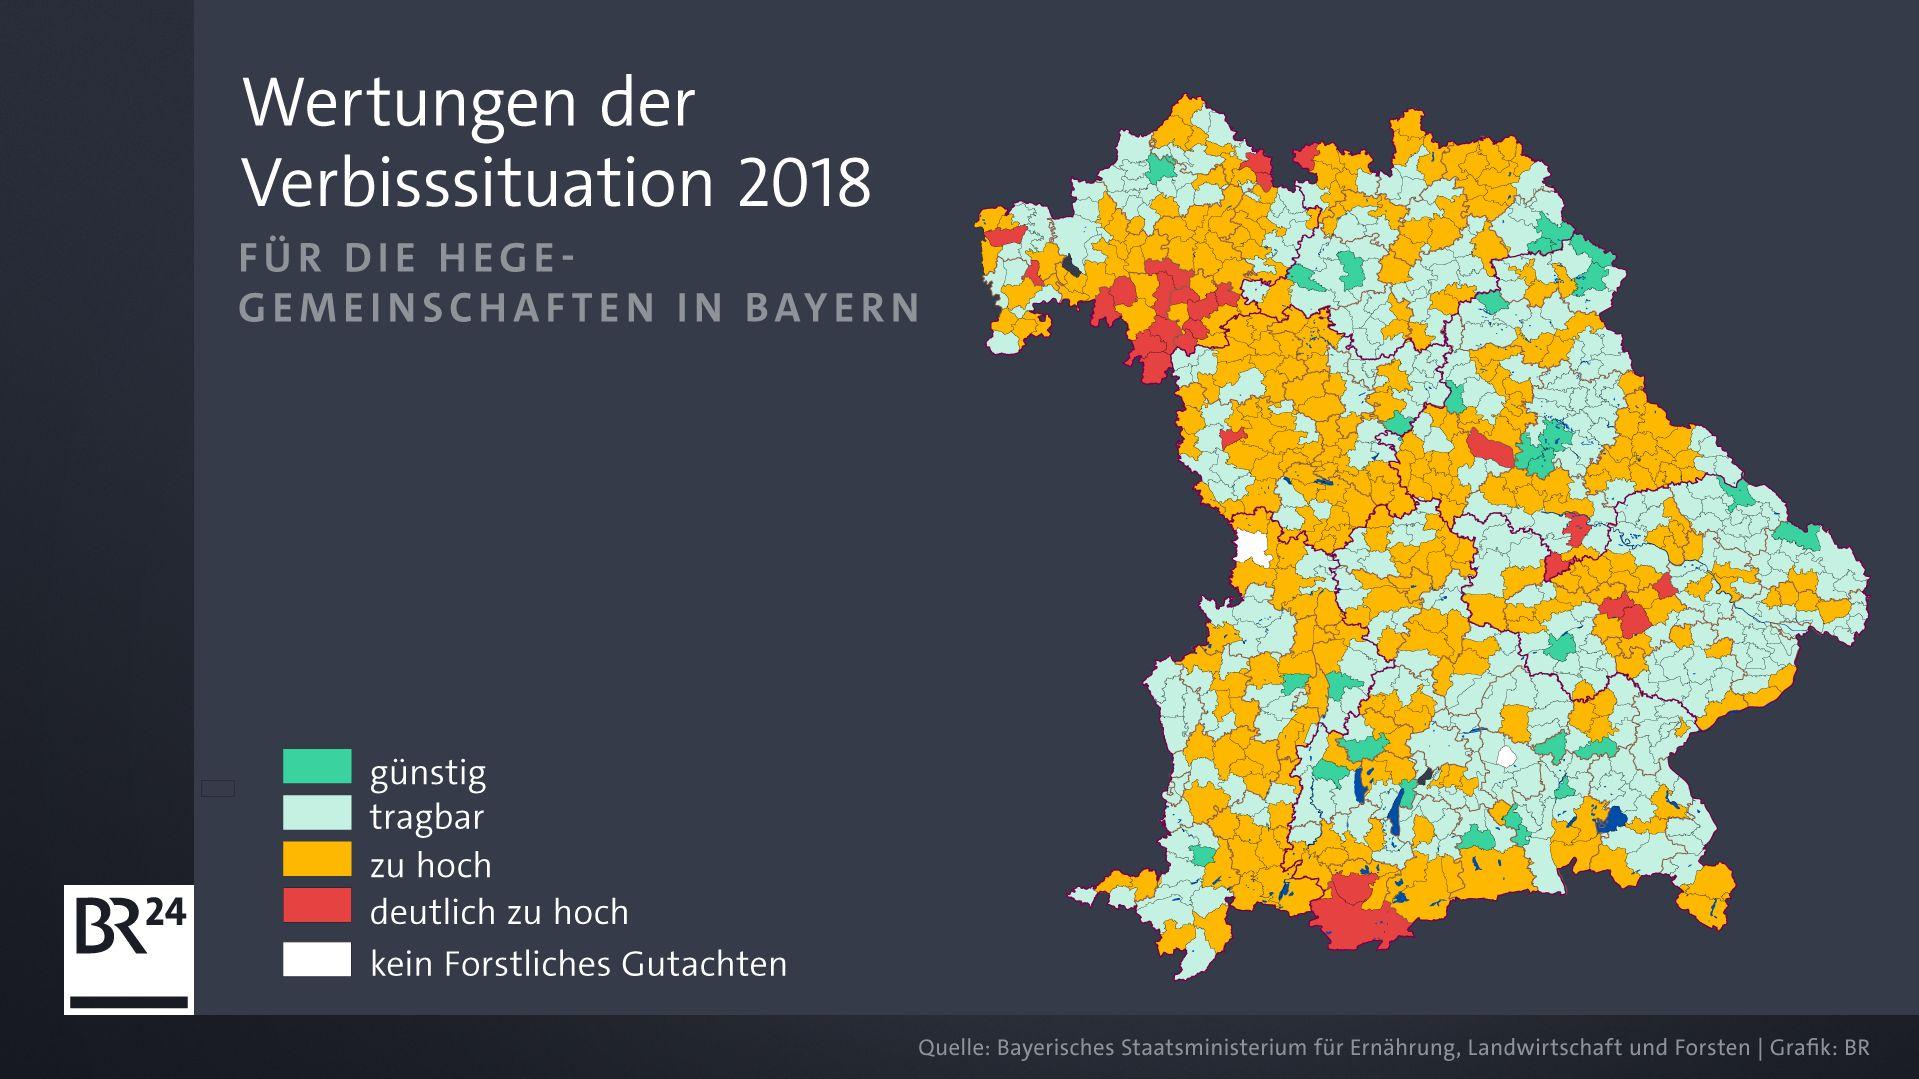 Die Wertungen der Verbisssituation 2018 für die Hegegemeinschaften in Bayern.